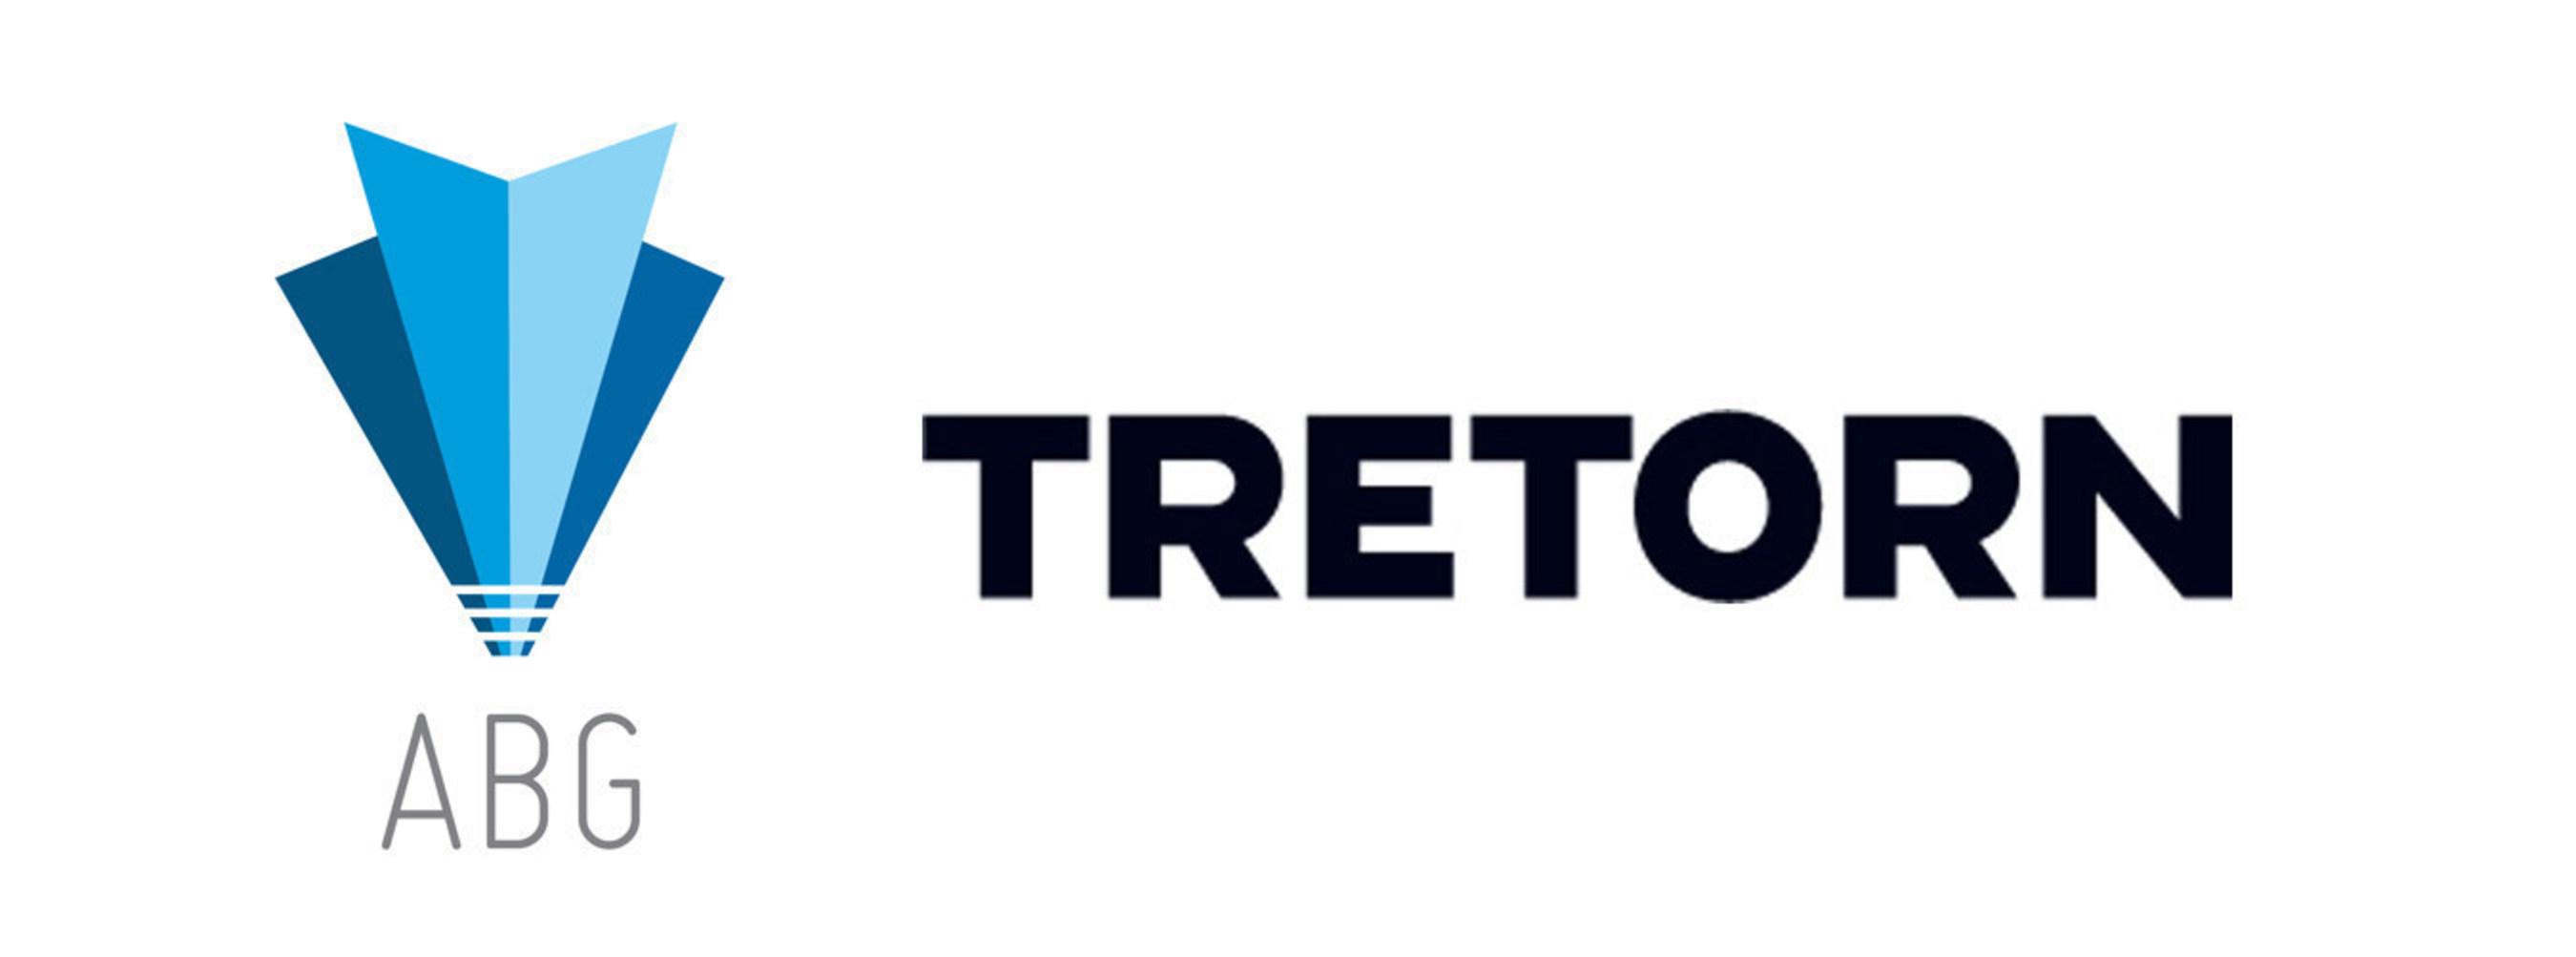 ABG fait l'acquisition de Tretorn auprès de PUMA, ajoutant ainsi un style de vie de luxe en plein